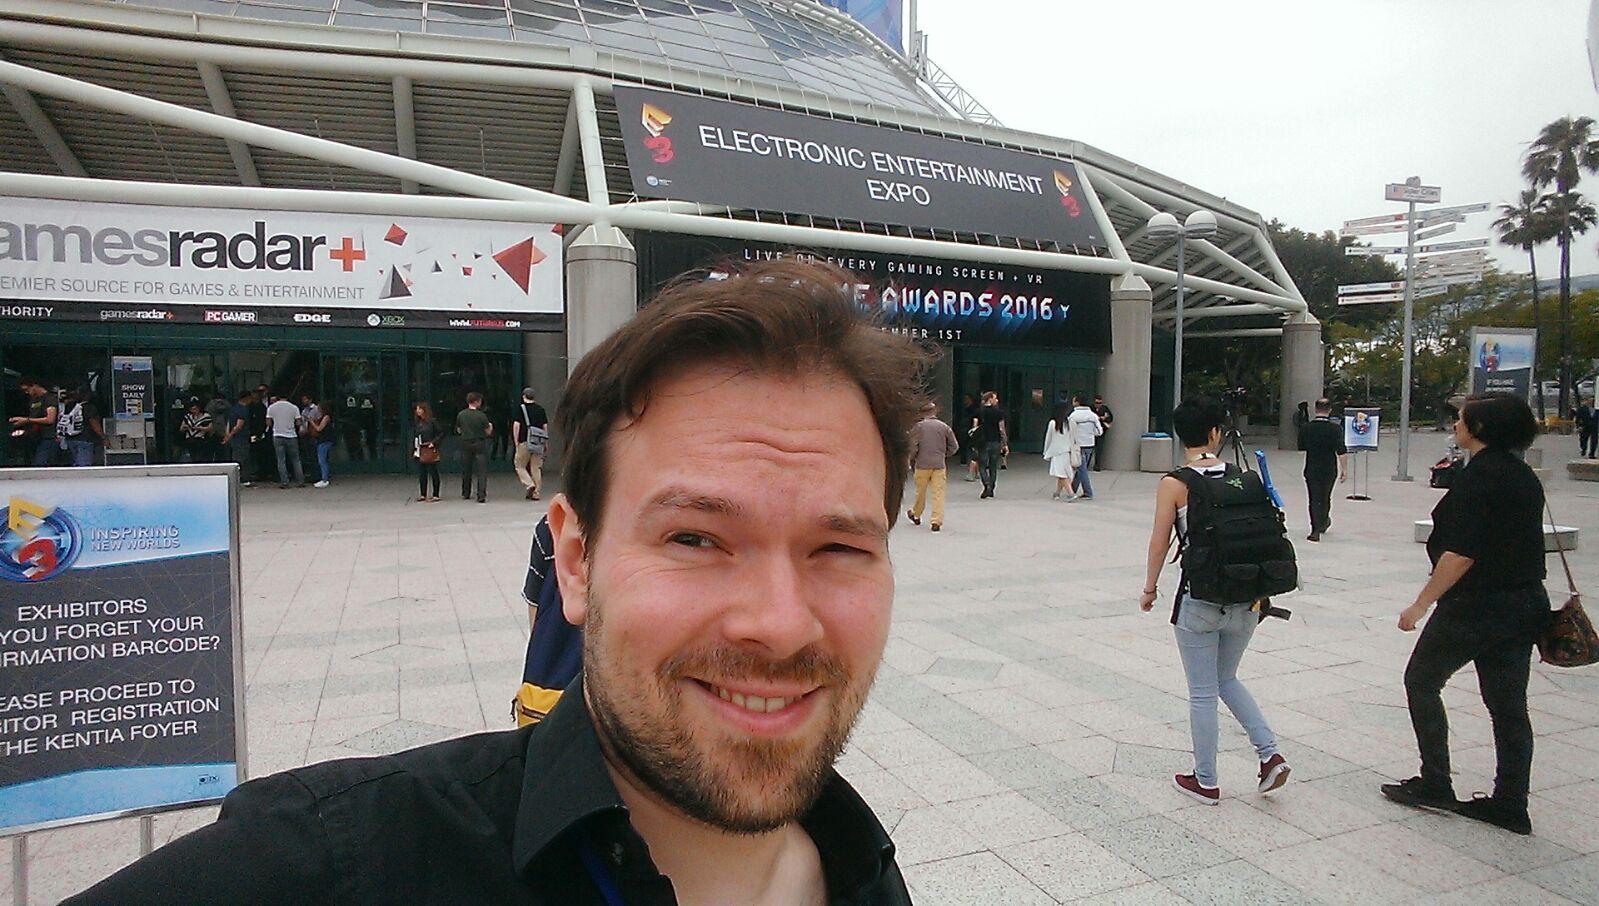 Fabio at E3